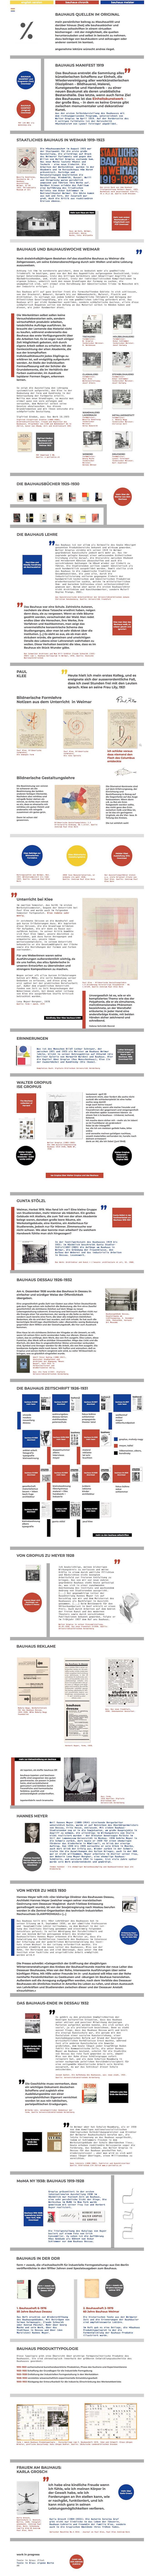 Bauhaus Quellen Kostenlos Online Downloaden Page Online